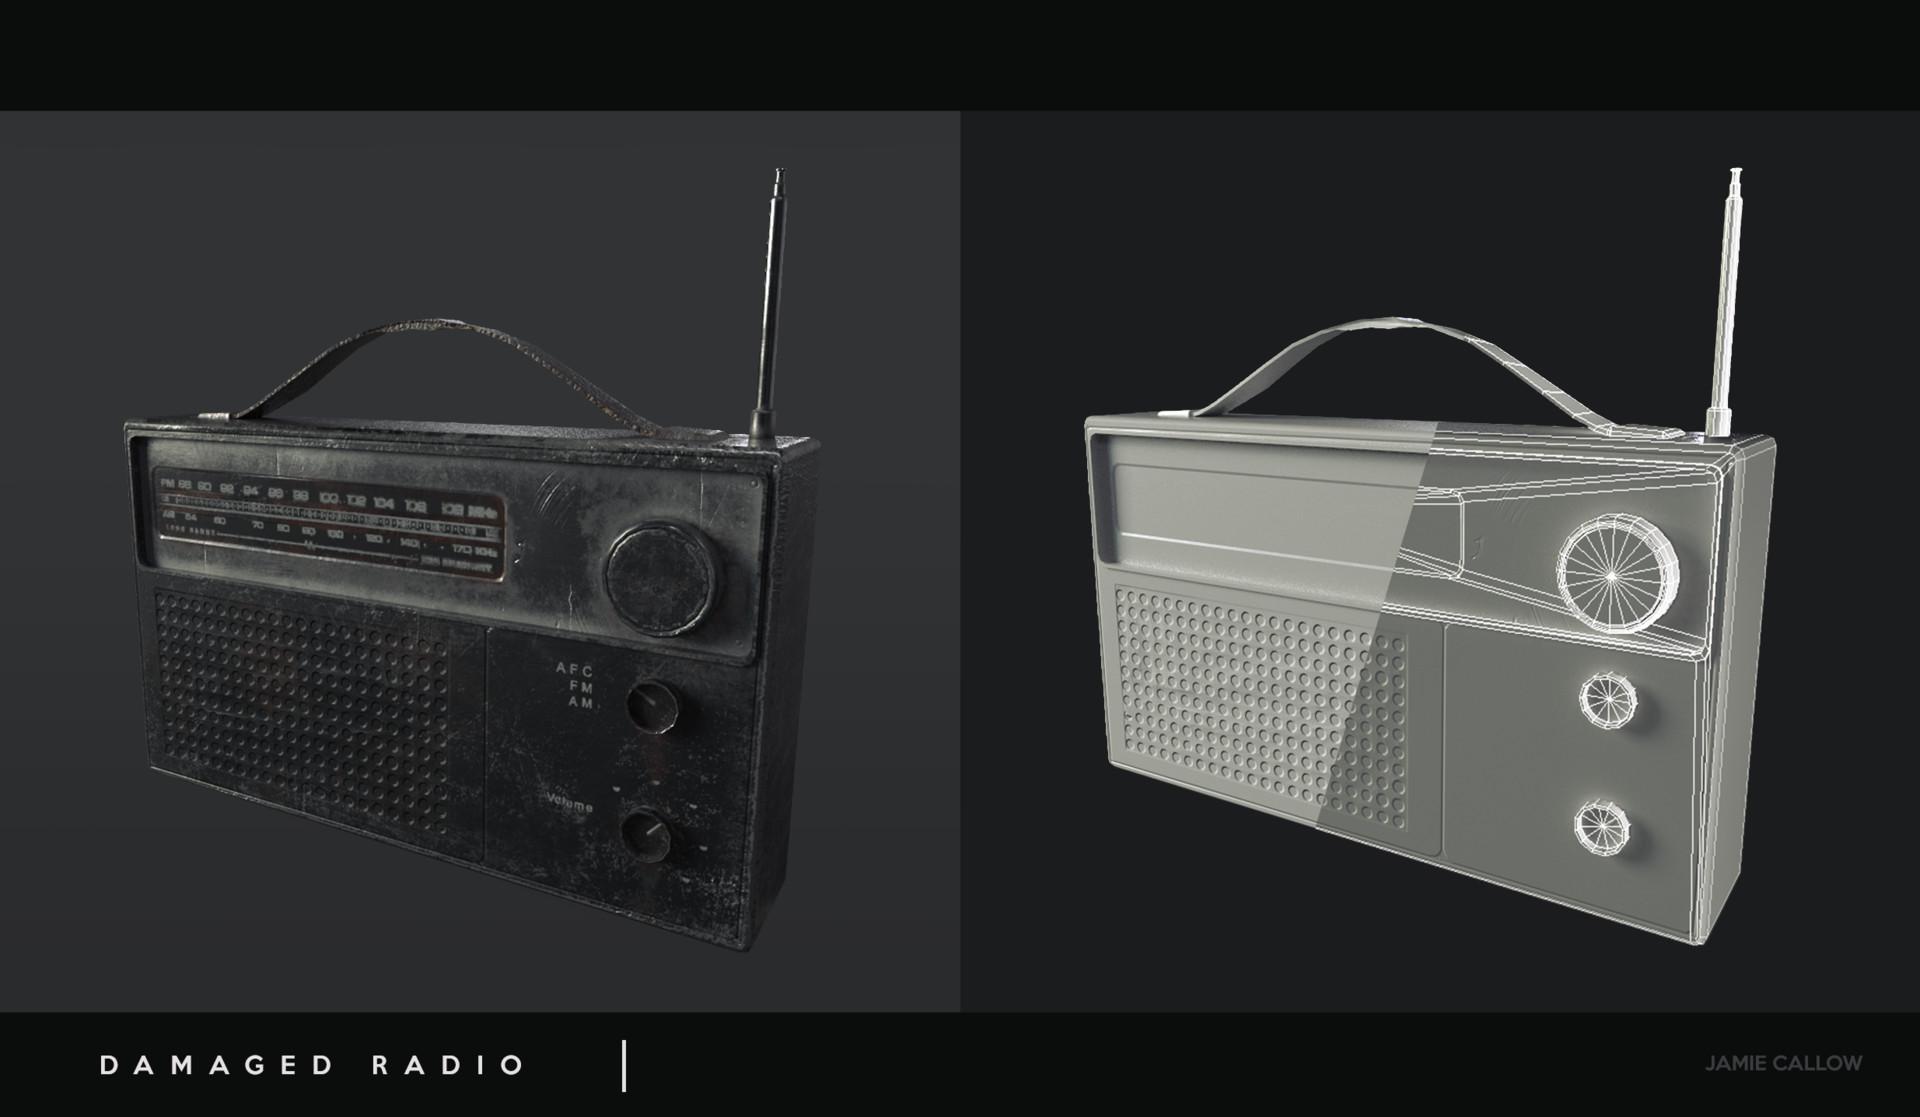 jamie-callow-radio.jpg?1488498227